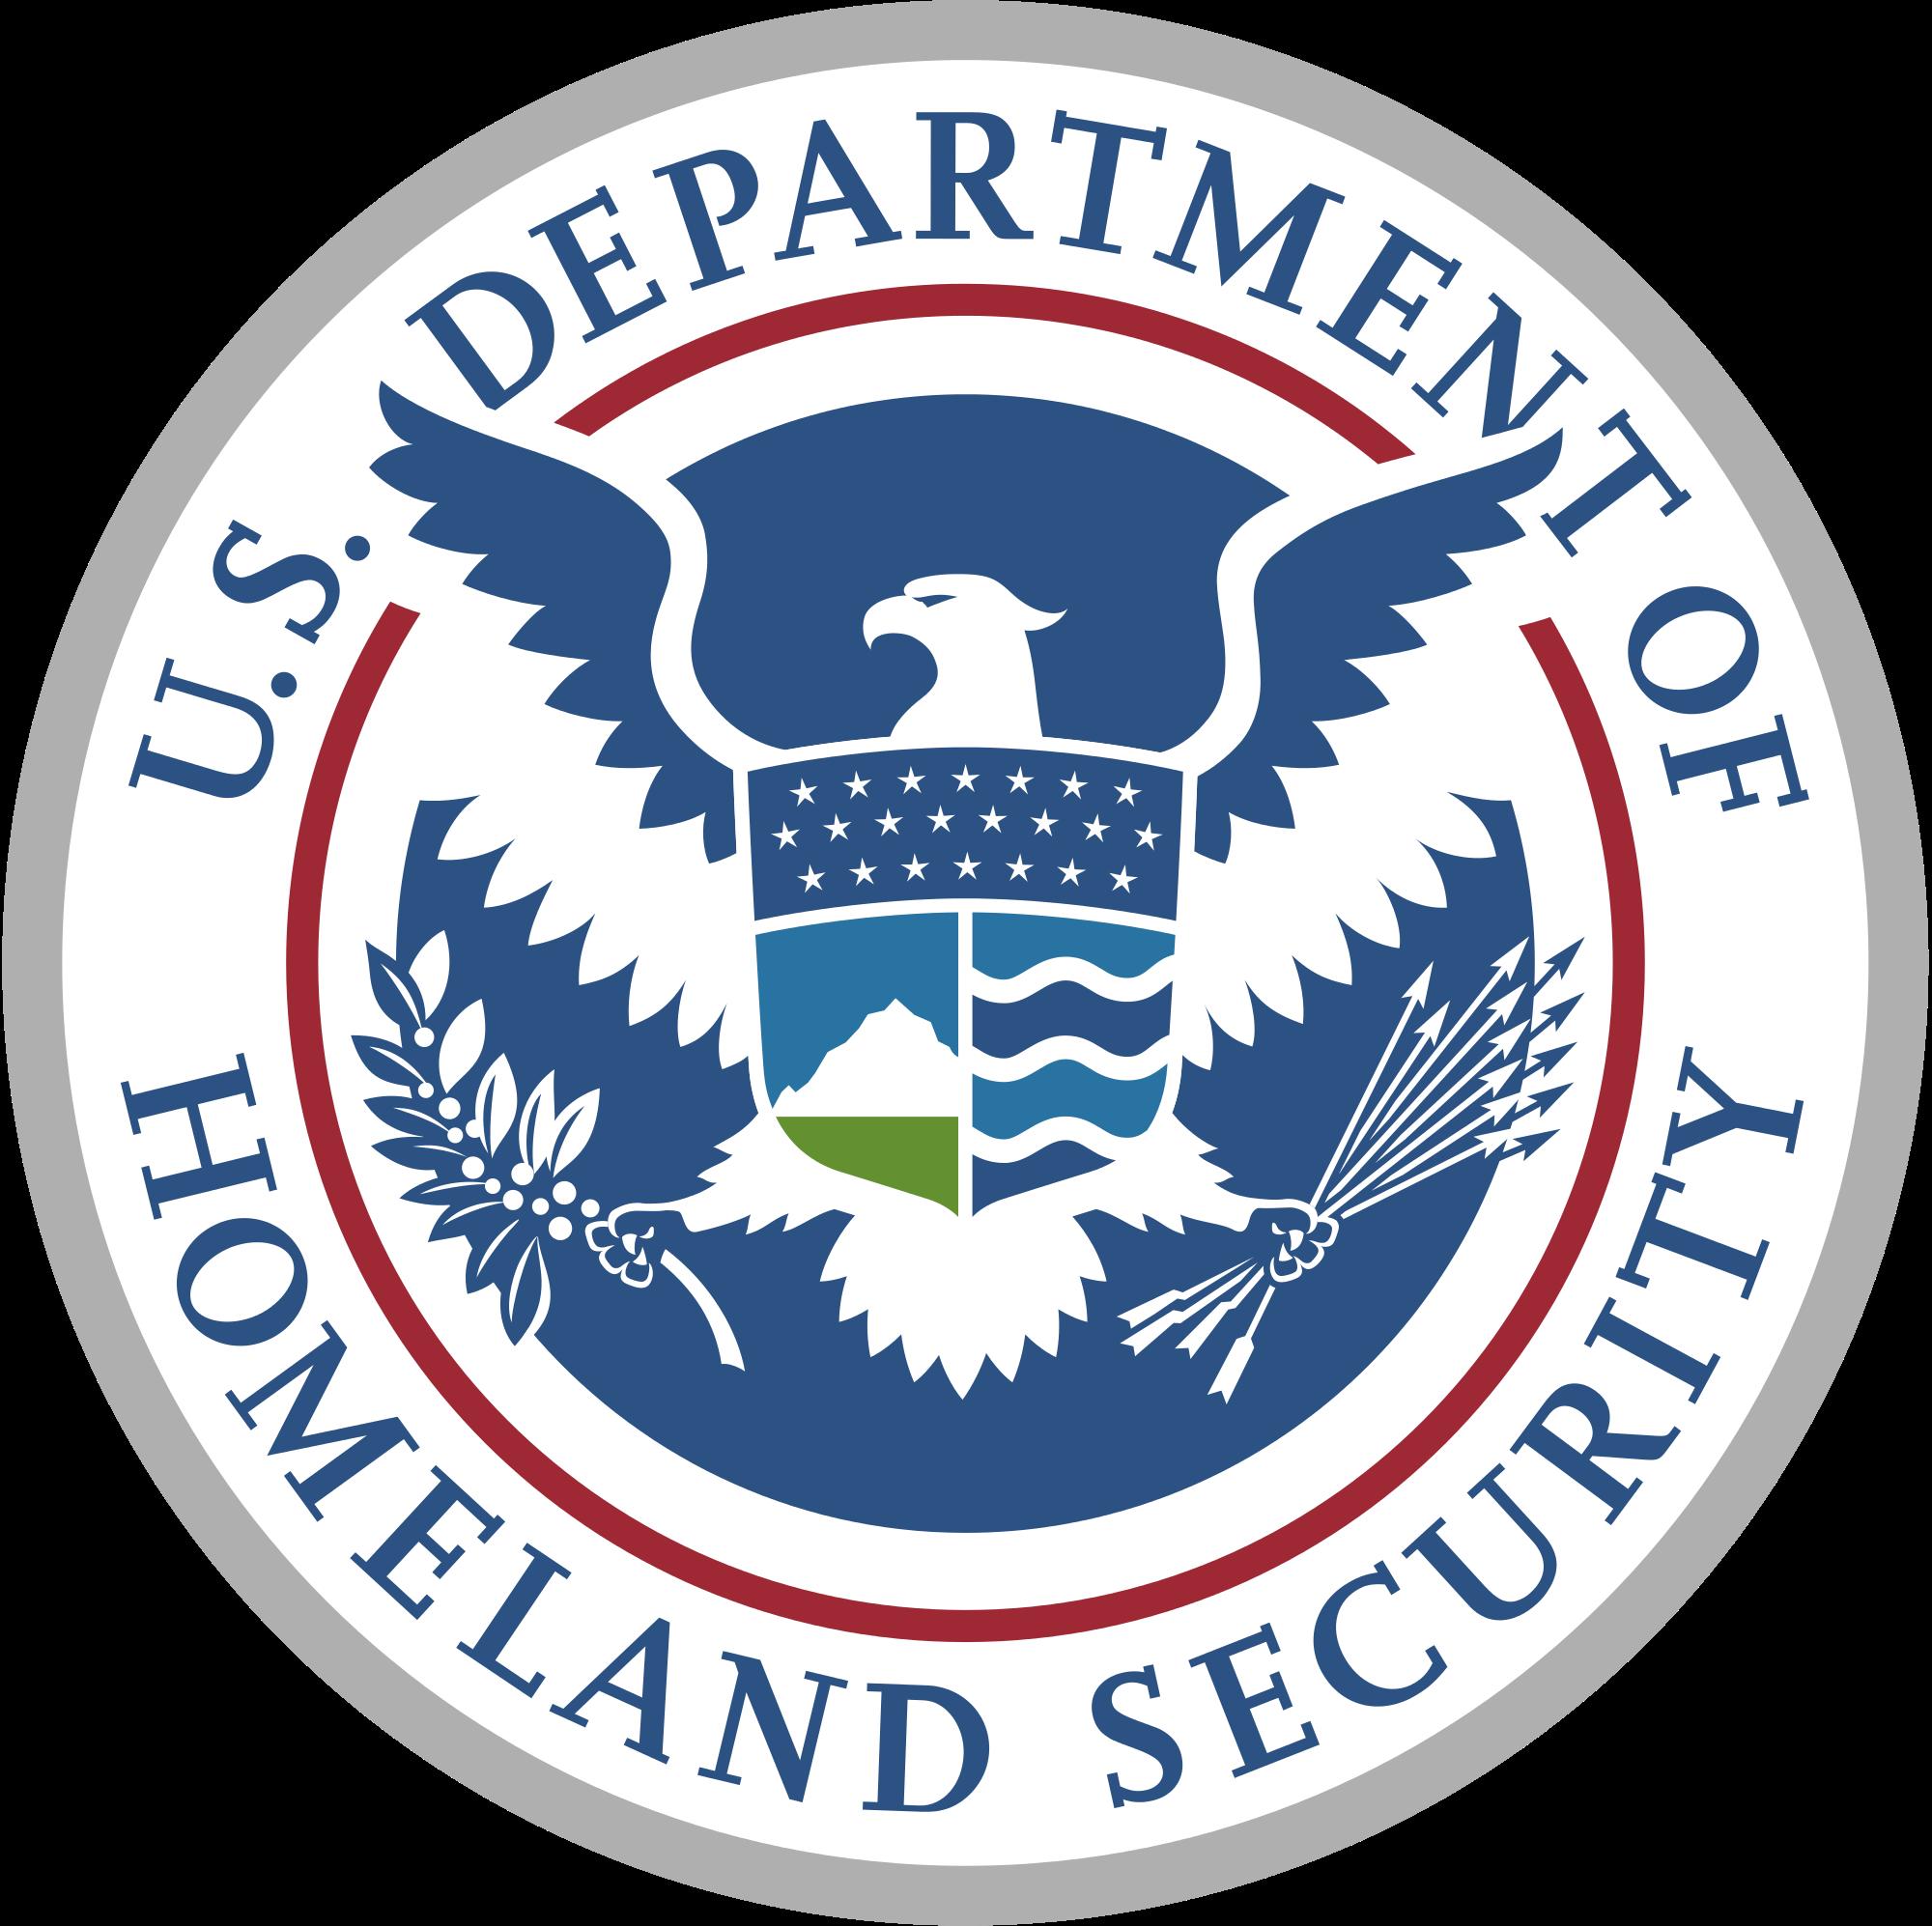 Us secret service logo clipart.